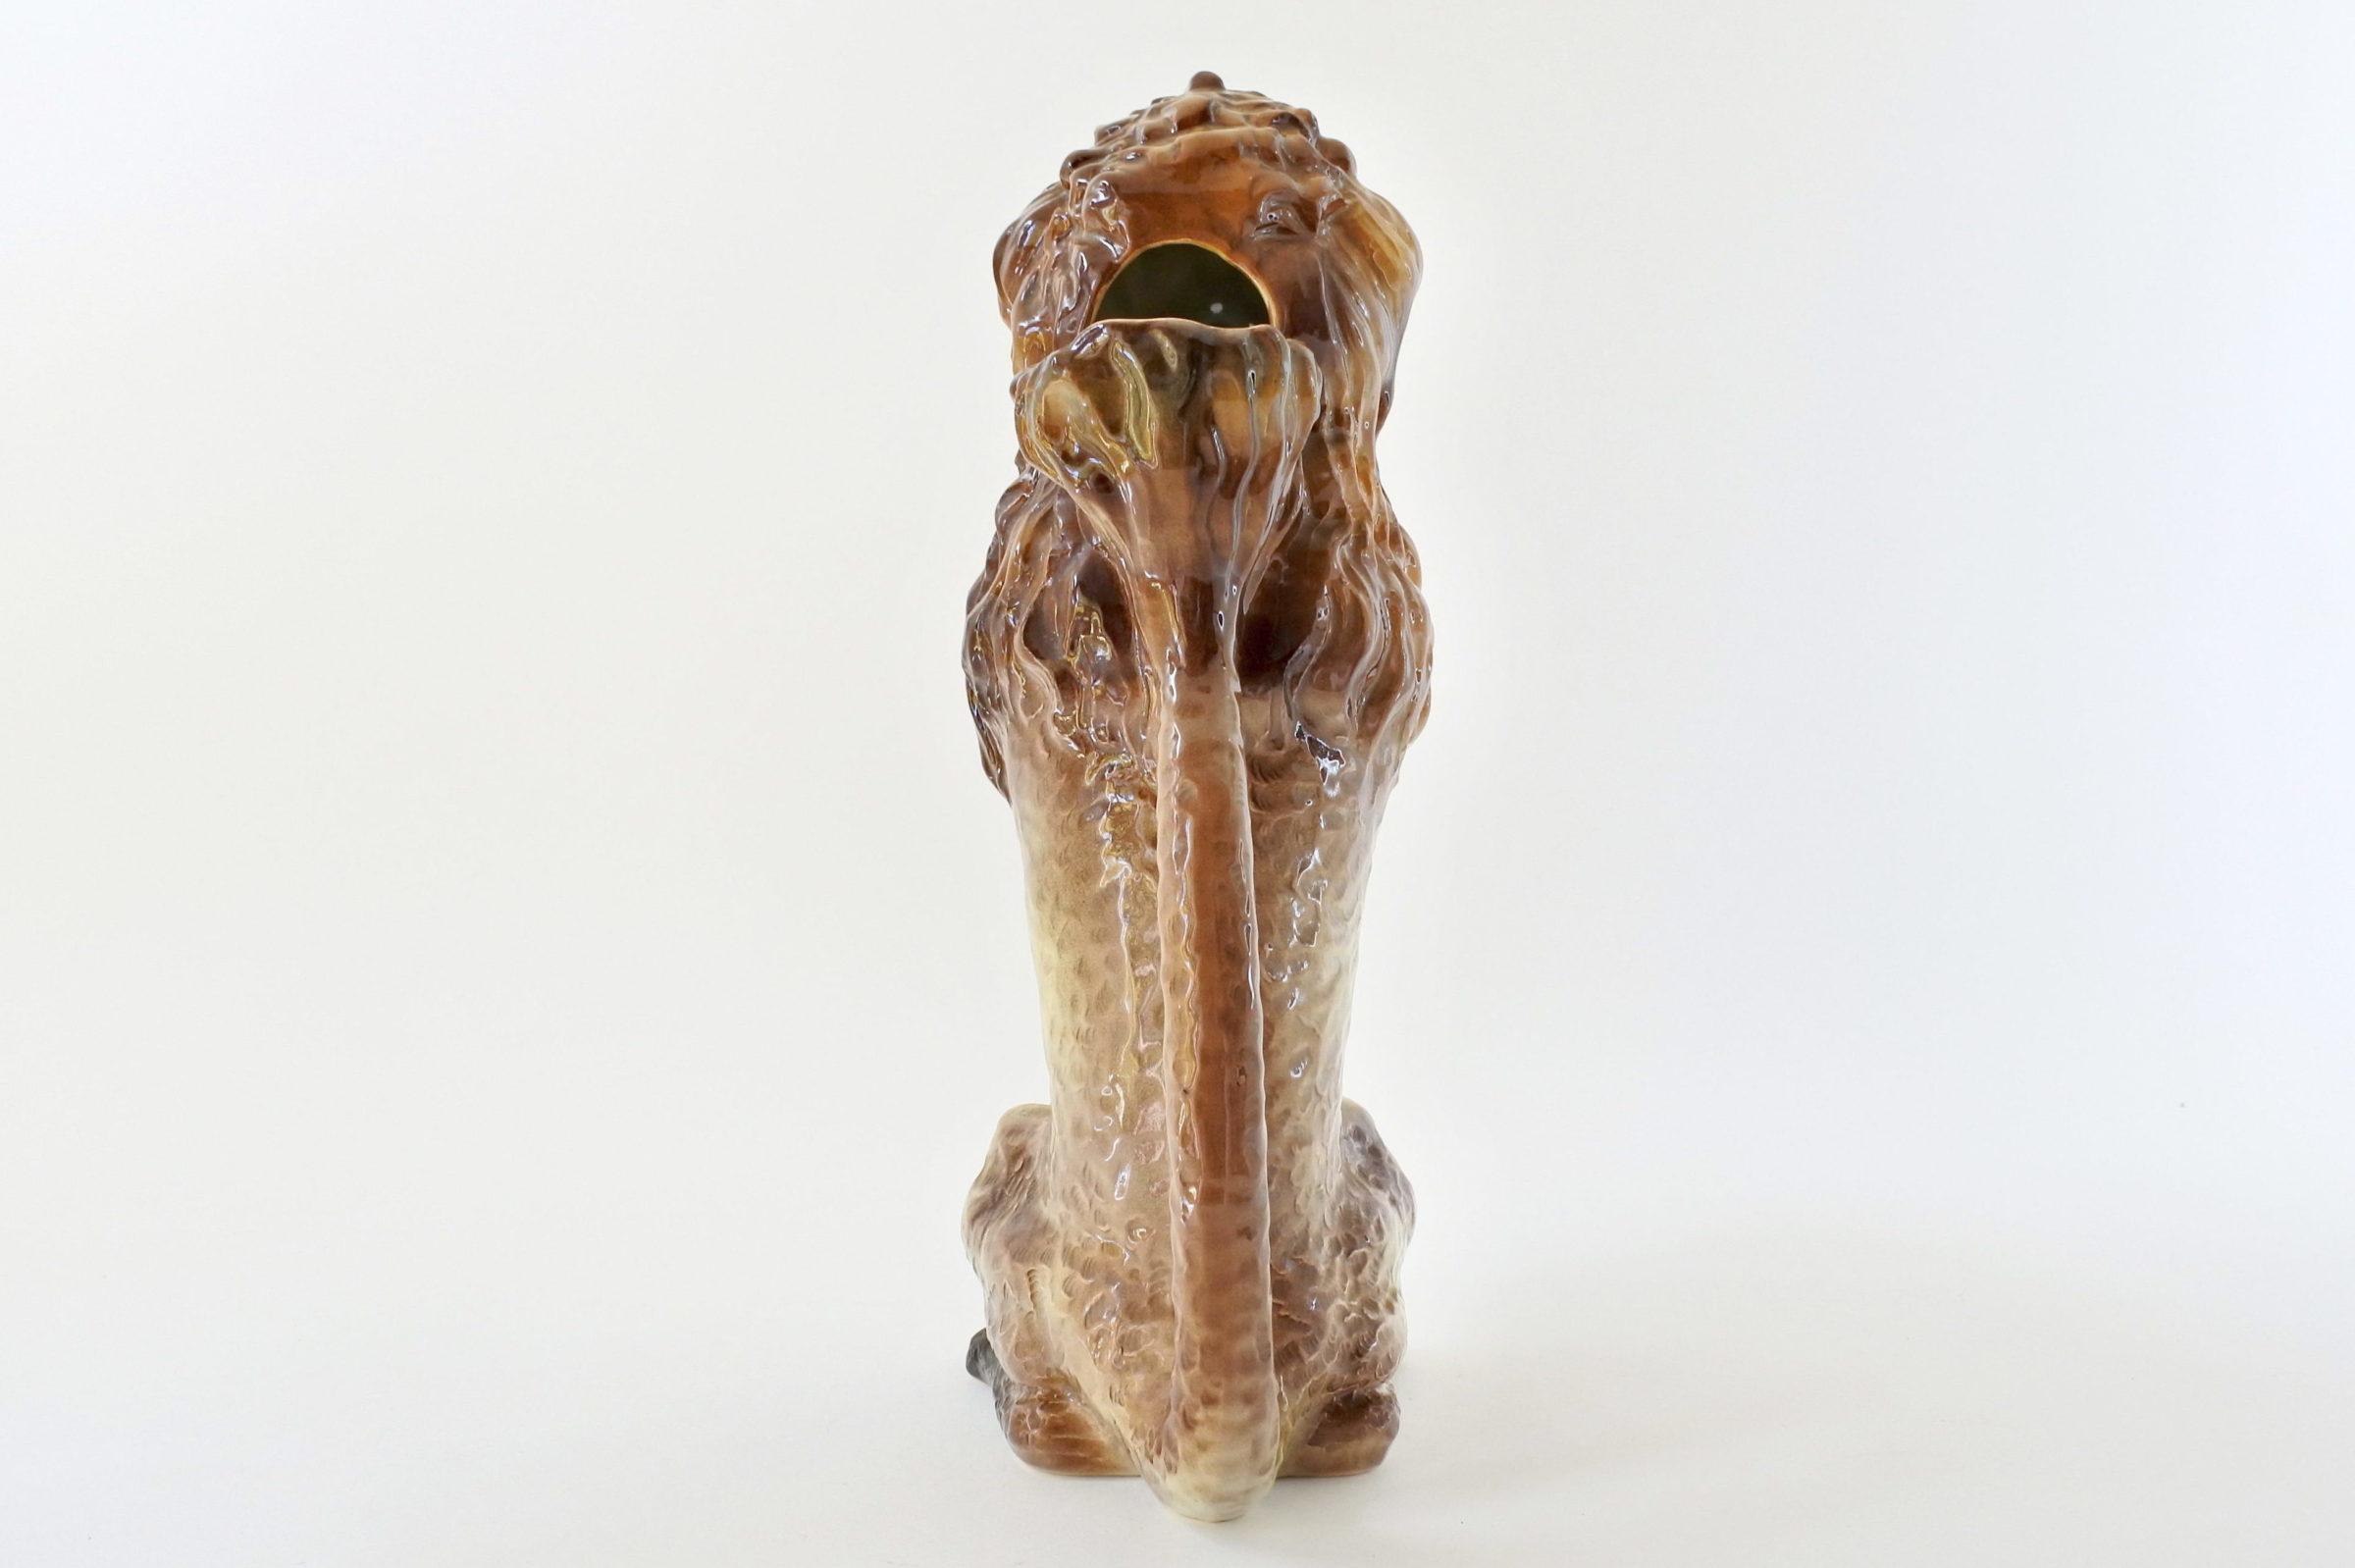 Brocca in ceramica barbotine con forma di barboncino - 3